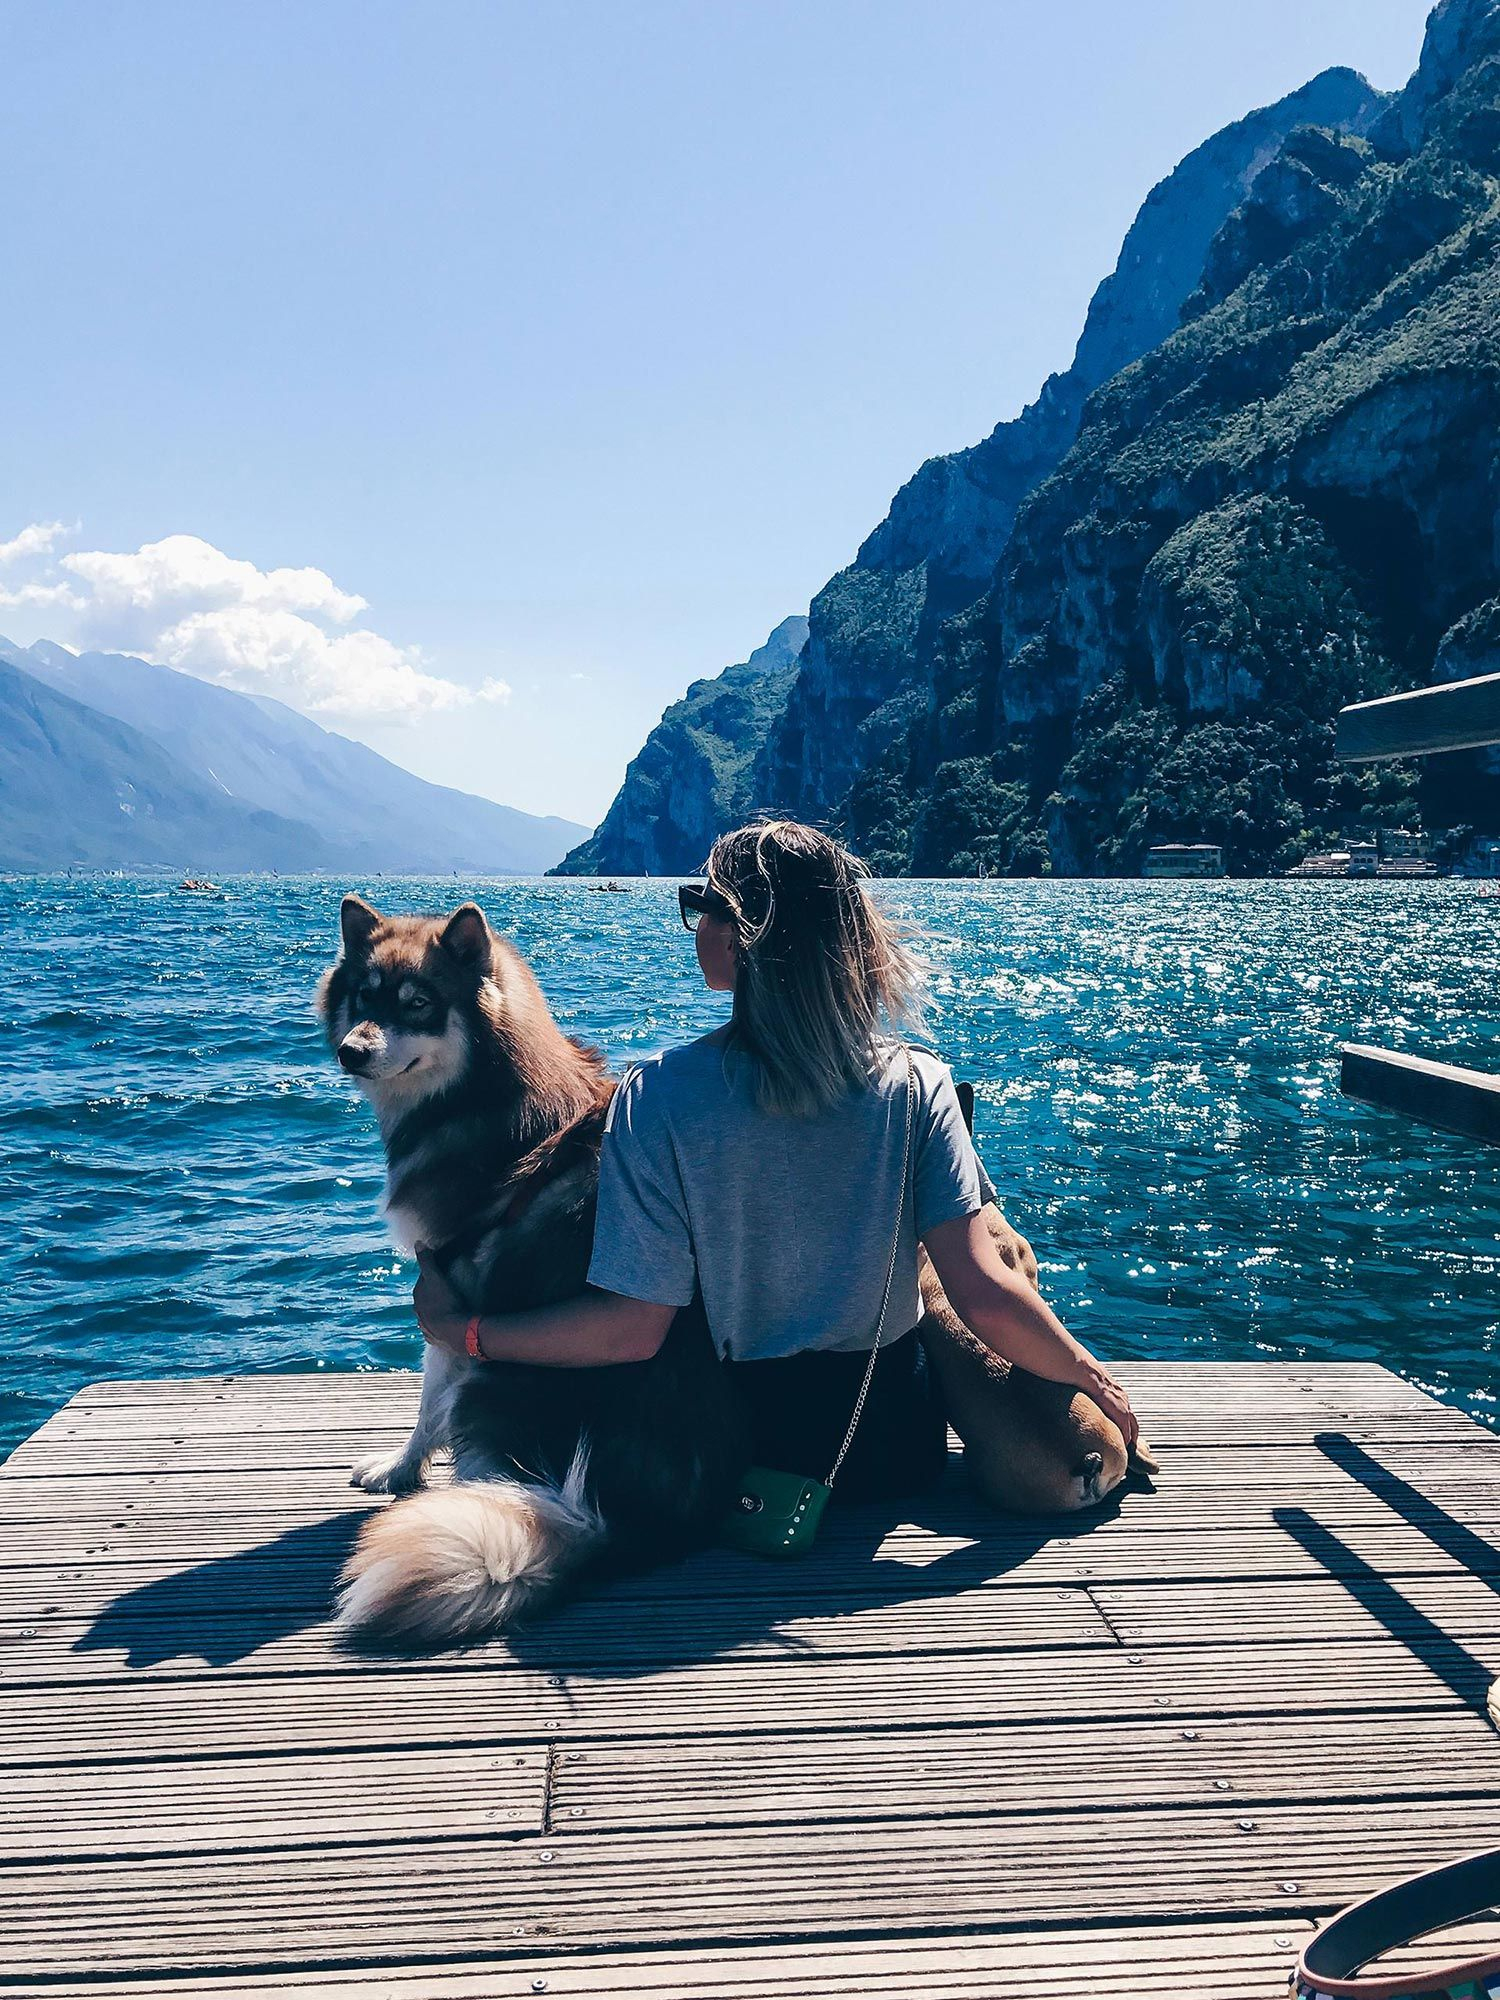 Schoner Hollandurlaub Mit Hunden Unser Reisebericht Von Unserem Urlaub Mit Unseren 3 Dackel In Holland Schone Hund Holland Holland Mit Hund Und Reisen